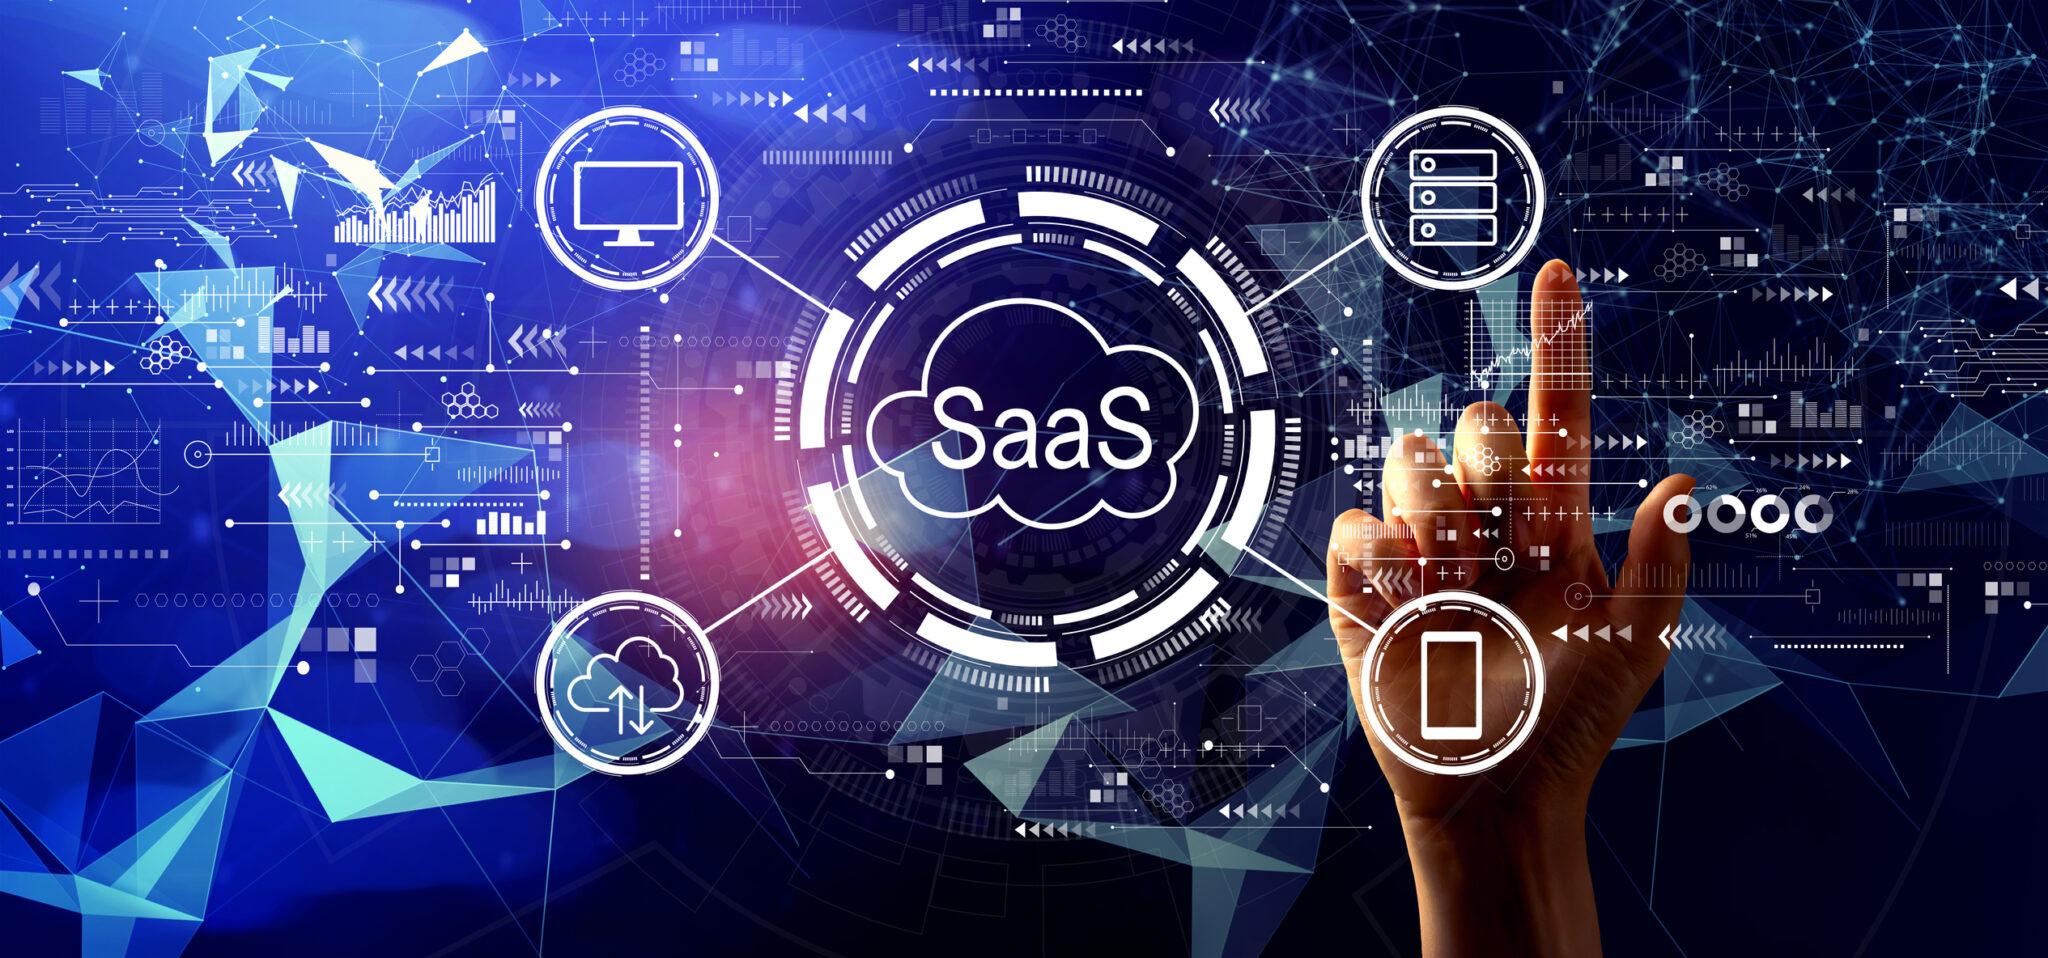 SaaS - Fintech Software as a service